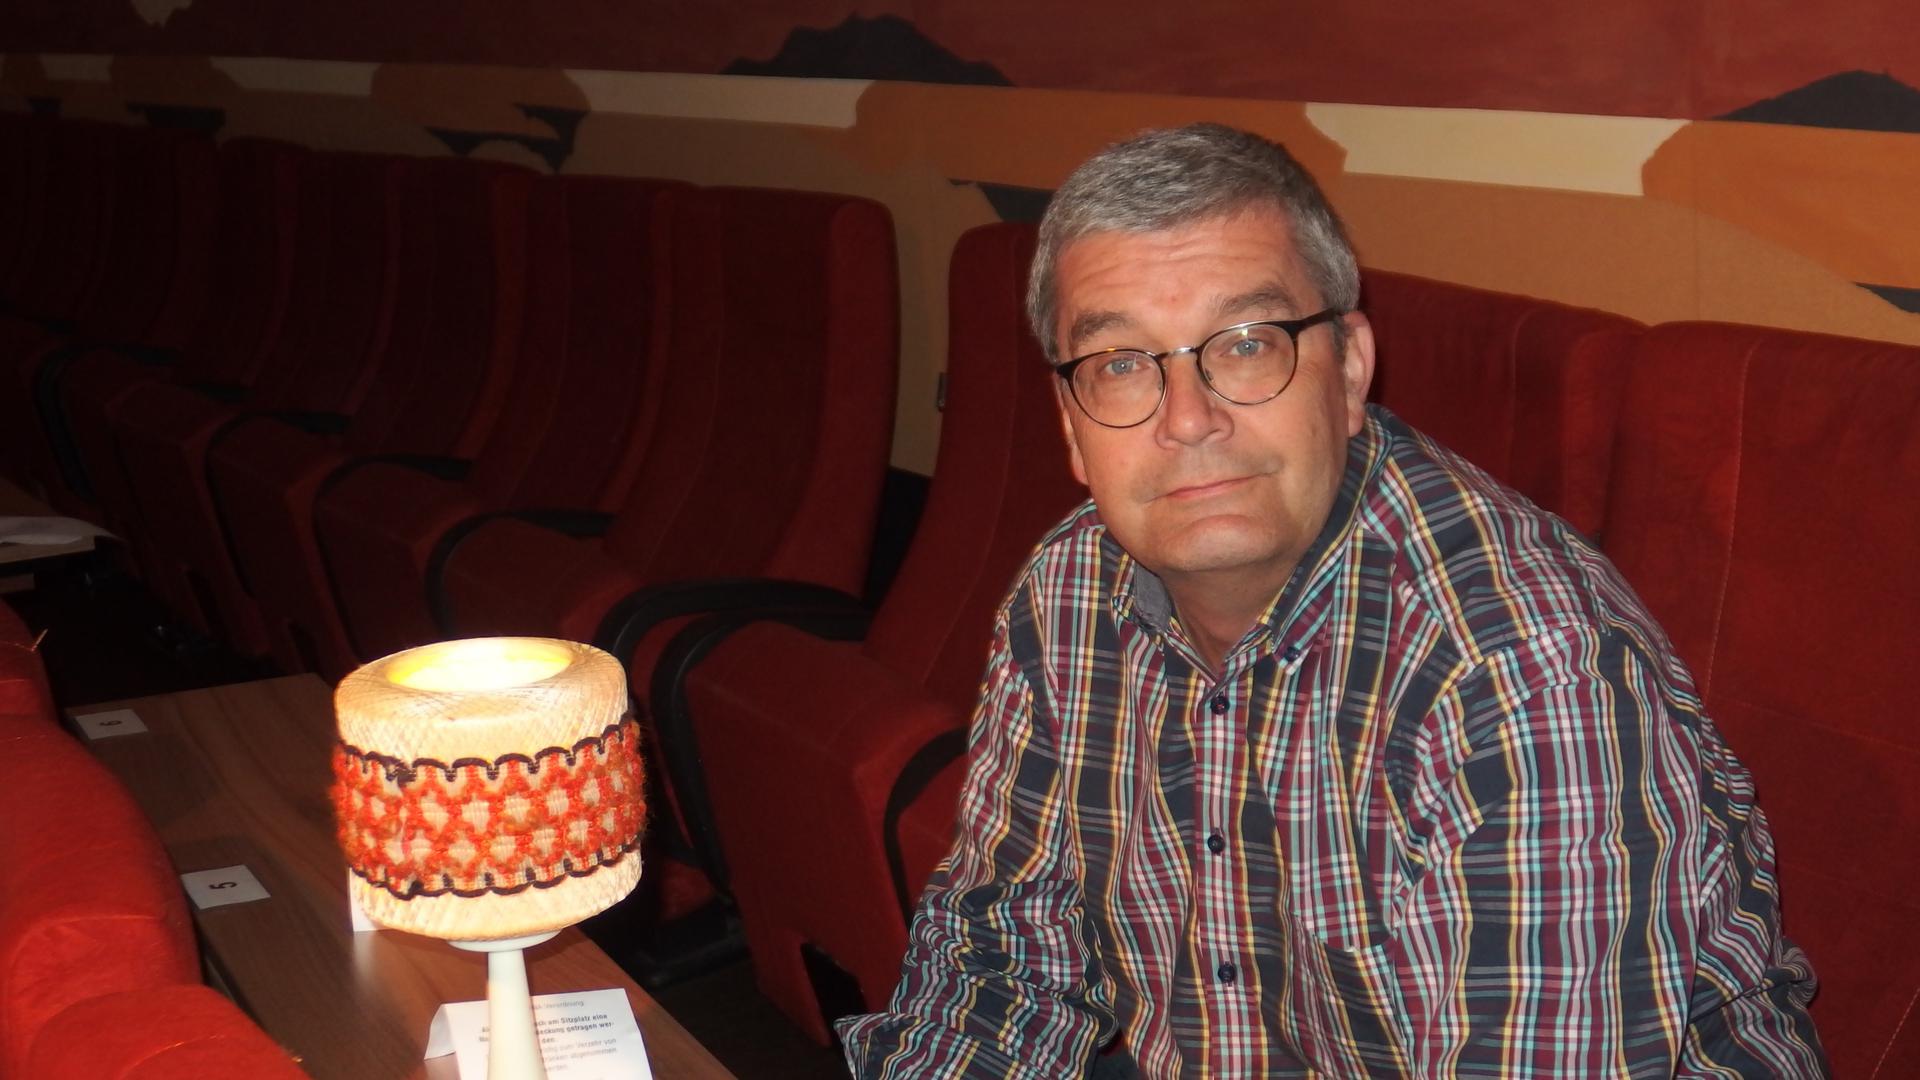 """Endlich wieder ins Kino: Das wollen viele filmbegeisterte Stammgäste von """"Scala""""-Chef Joachim Baensch. Wann er sein Filmtheater in der Bahnhofstraße in Mühlacker wieder öffnen kann, ist momentan schwer zu sagen."""